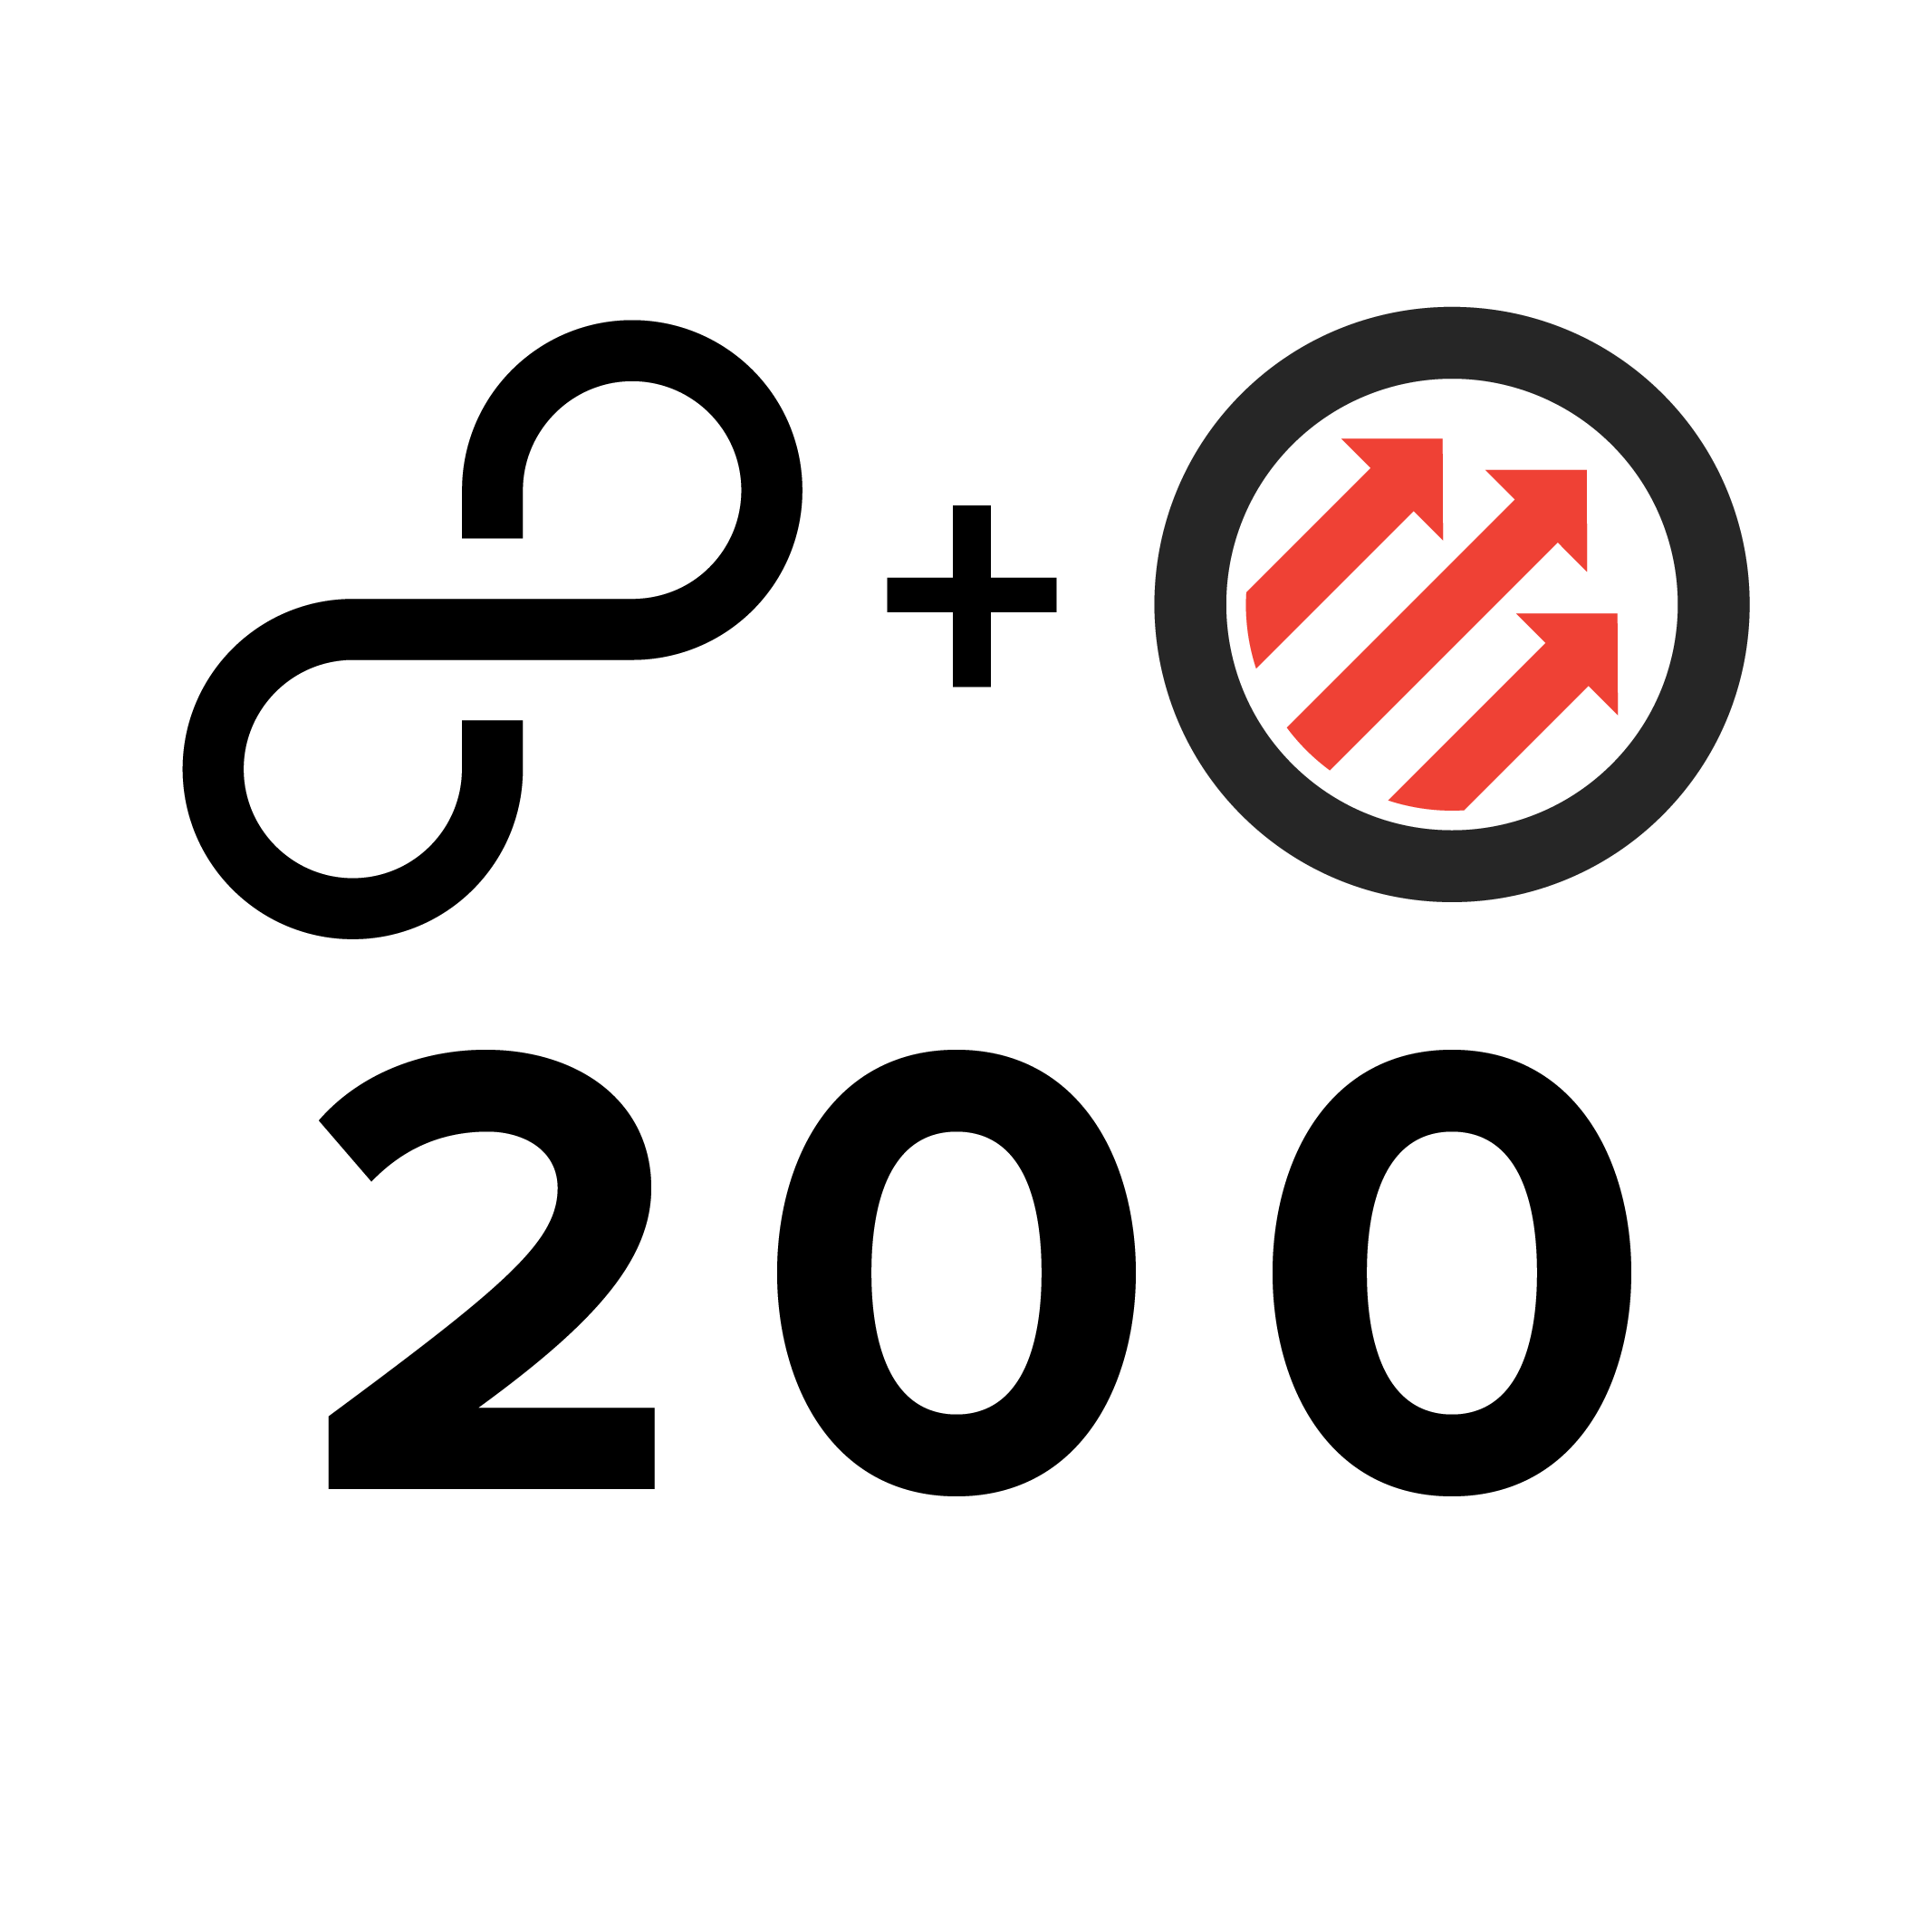 Pitchfork200-01.png